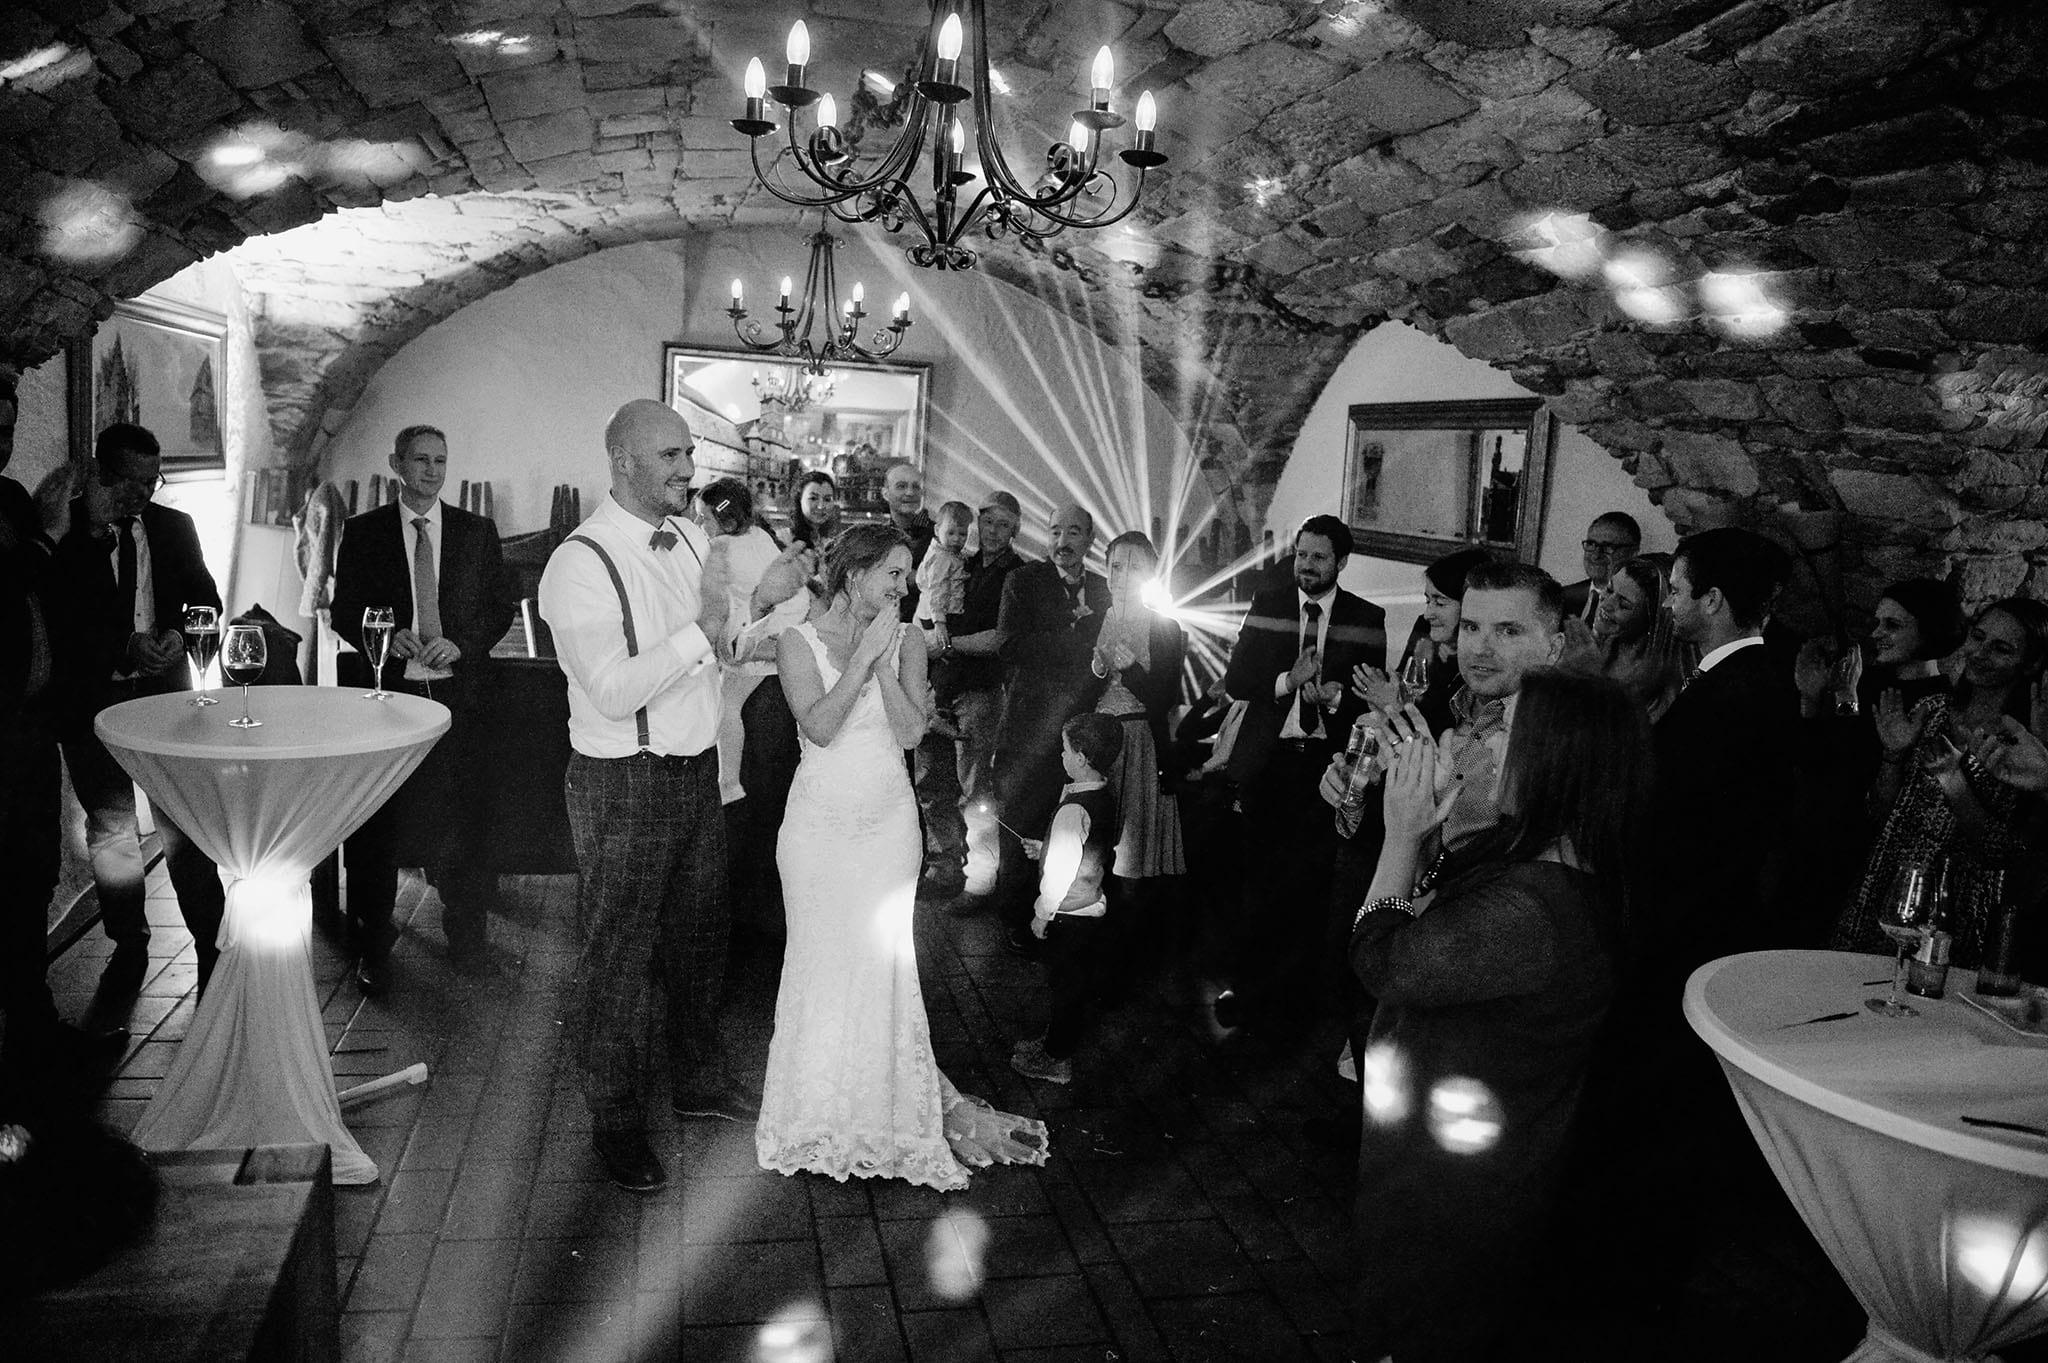 Hochzeit 013 Brautpaar Hochzeit heiraten Foto fotografieren Bensheim Bergstraße Palais von Hausen Lorsch Hochzeitsfoto Daniel Fuss Fotografie